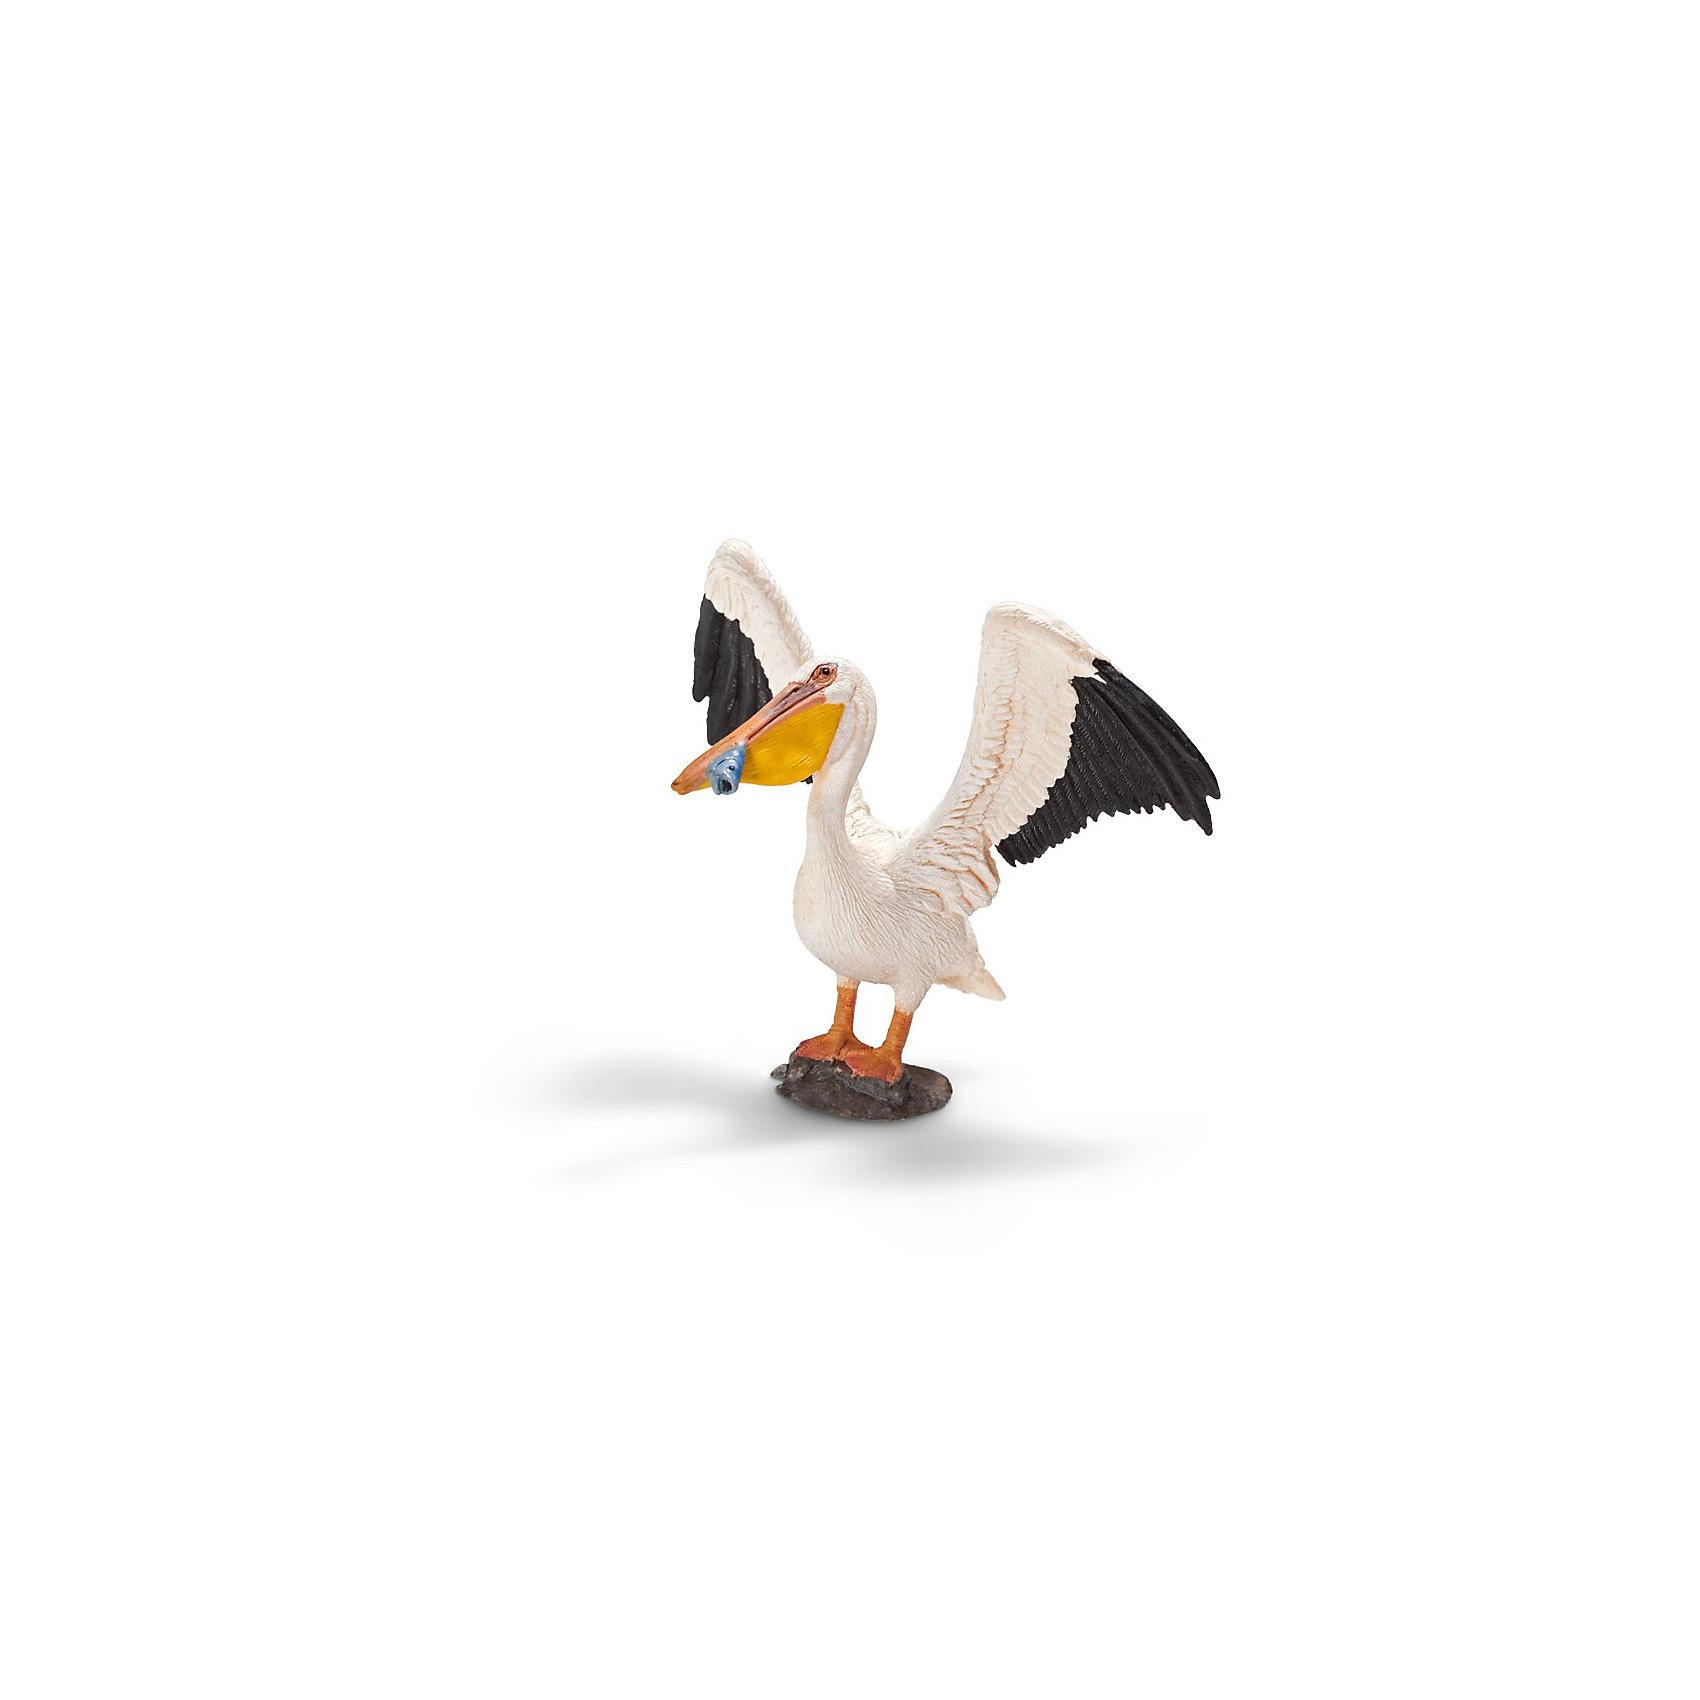 Пеликан, SchleichФигурка пеликана компании Schleich (Шляйх) порадует всех маленьких любителей животных и станет достойным дополнением коллекции птиц от немецкой компании Шляйх.<br><br>Пеликан - крупная птица с необычным длинным клювом с кожаным мешком для сбора рыбы. Пеликан сидит на камушке с расправленными крыльями. Красивая белоснежная птица с черной окантовкой крыльев держит в своем ярко-желтом клюве маленькую рыбку.<br><br>Фигурки  Schleich (Шляйх)  (Шляйх) раскрашиваются вручную с особой внимательностью к каждой детали. Изготовление игрушек находится под контролем Берлинского зоопарка, поэтому игрушки так похожи на настоящих животных.<br><br>Игрушки Schleich  (Шляйх) являются отличным обучающим материалом и знакомят детей с представителями животного мира. Все фигурки прекрасно сочетаются с другими игрушками и смогут разнообразить сюжетно-ролевые игры детей<br><br>Дополнительная информация:<br><br>Материал: каучуковый пластик<br>Размеры: 15х 11 х 3,6 см<br><br>Пеликана, Schleich (Шляйх) можно купить в нашем магазине.<br><br>Ширина мм: 110<br>Глубина мм: 86<br>Высота мм: 58<br>Вес г: 34<br>Возраст от месяцев: 36<br>Возраст до месяцев: 96<br>Пол: Унисекс<br>Возраст: Детский<br>SKU: 2381525